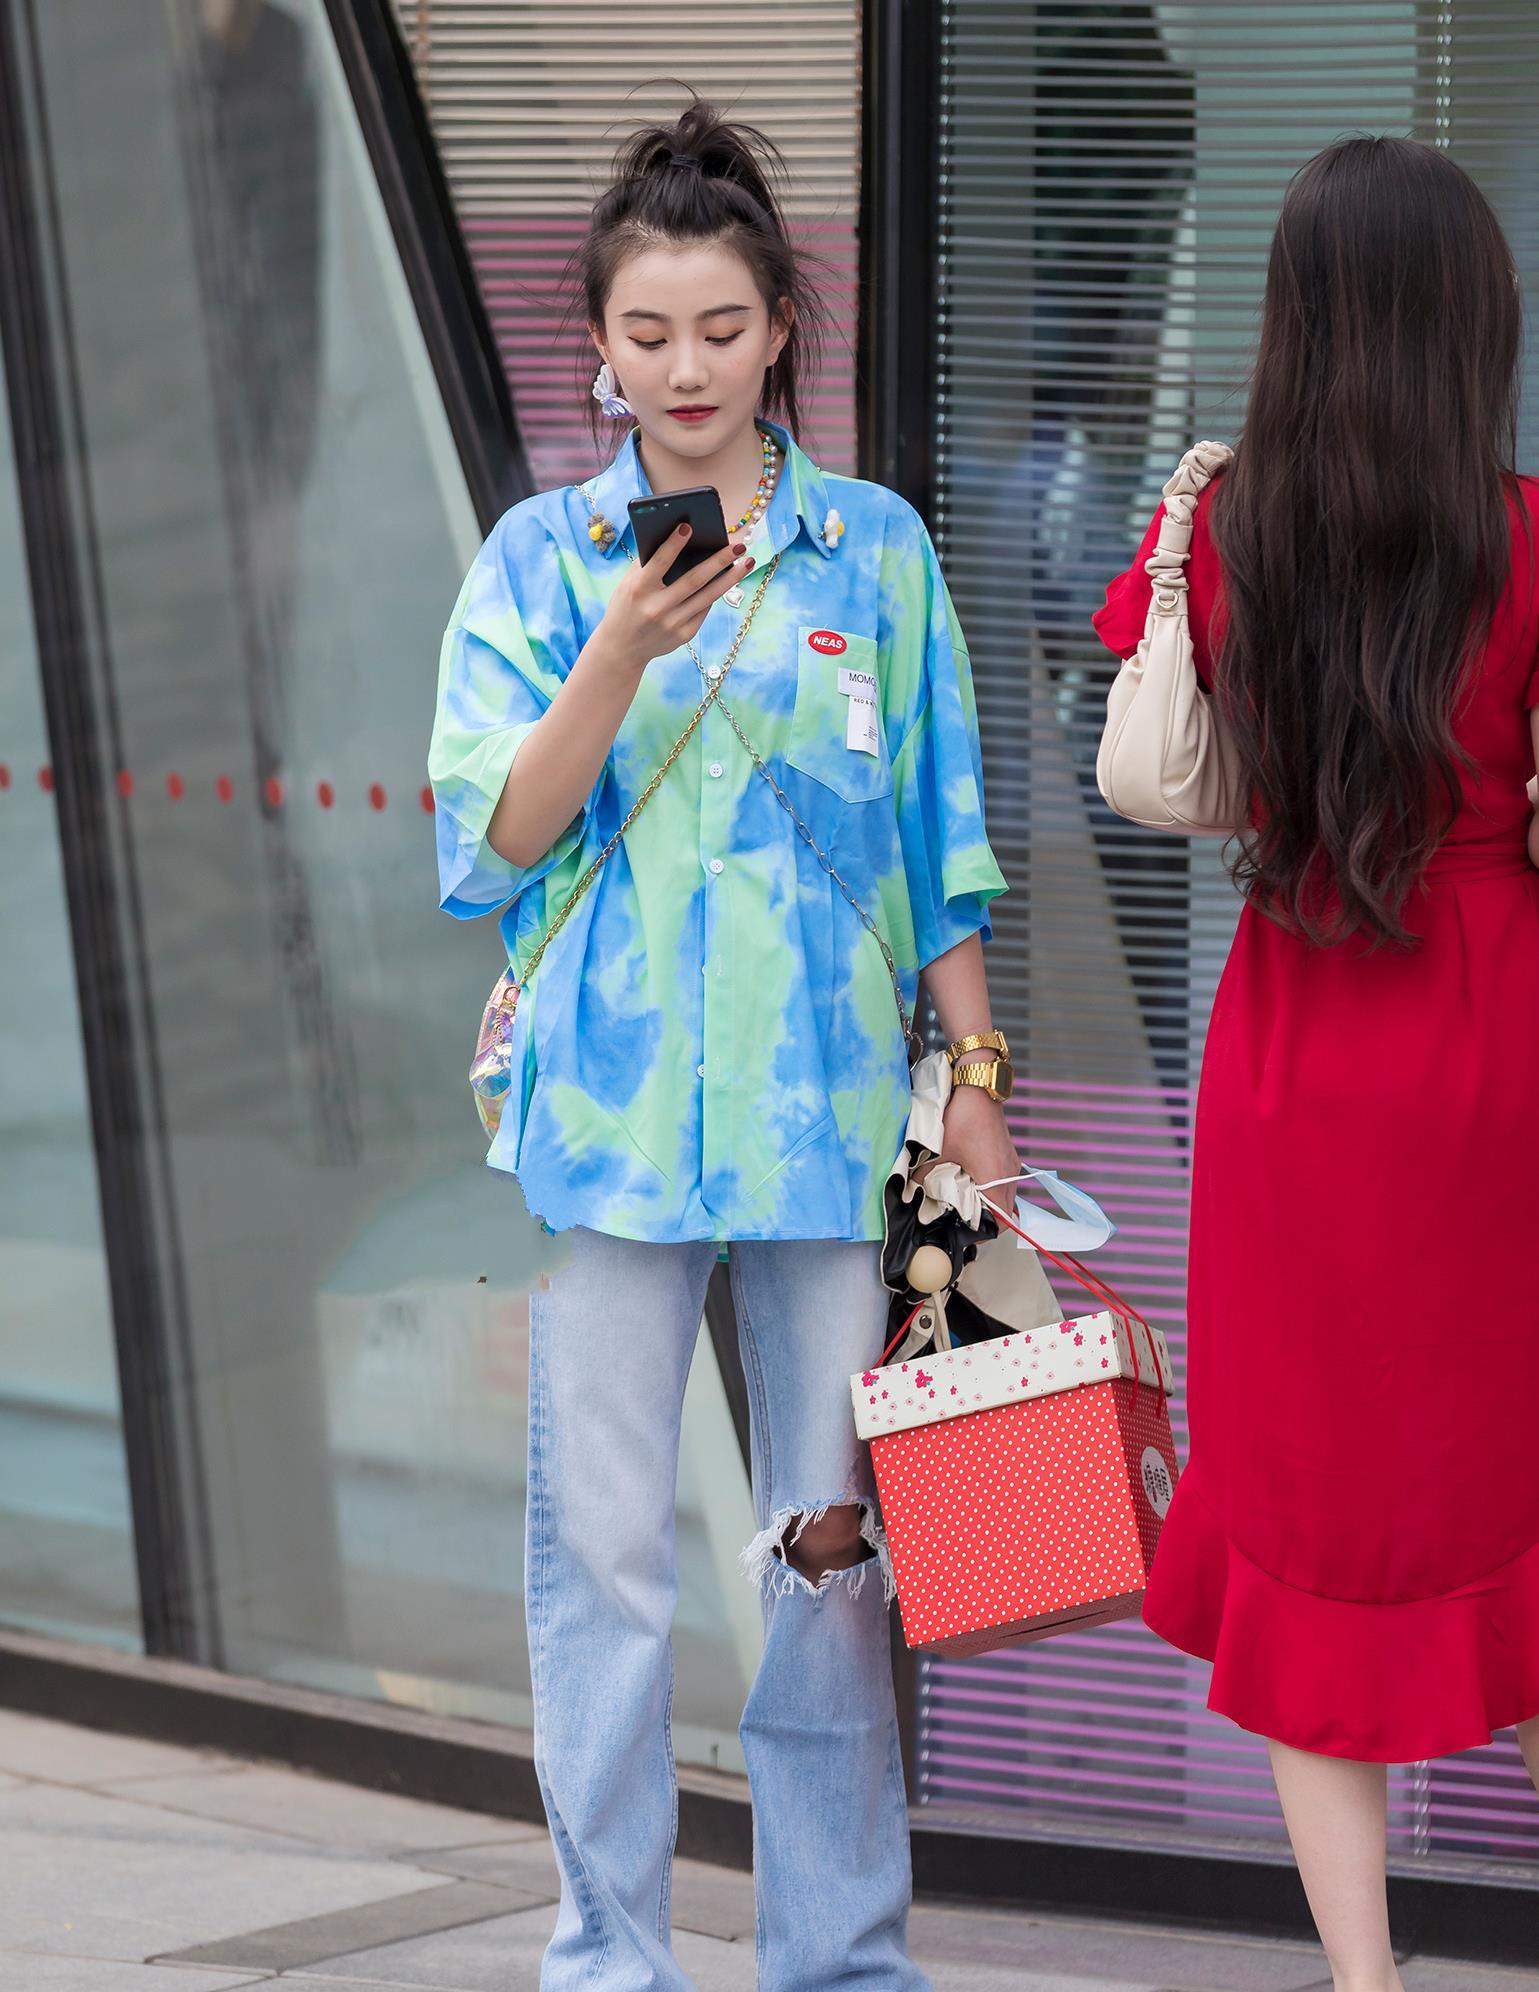 夏日街头的裤装搭配,非牛仔裤莫属了,清爽又时髦的组合穿起来啦